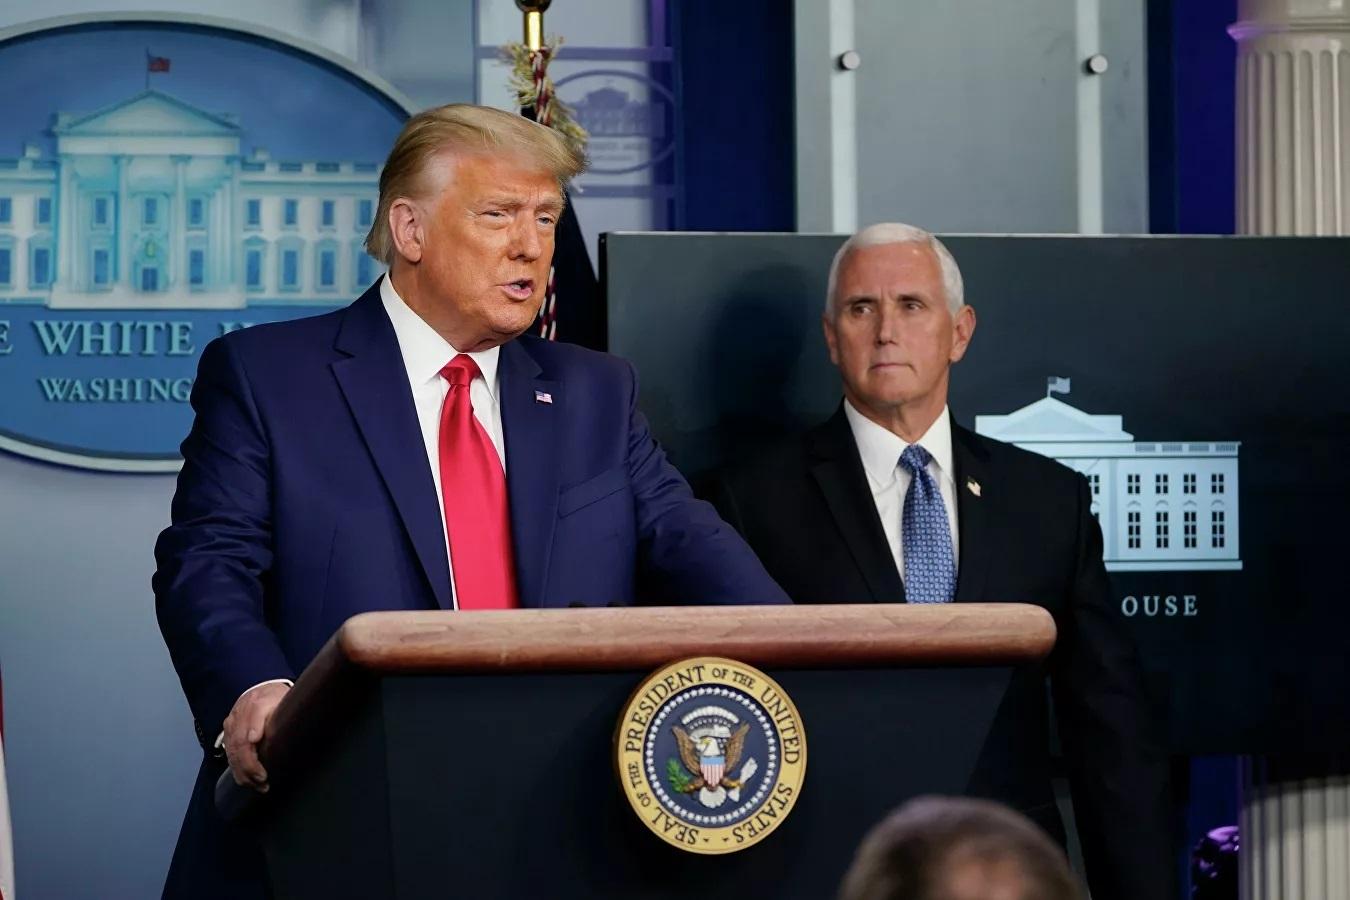 Phó Tổng thống Pence lên tiếng phản đối việc phế truất ông Trump